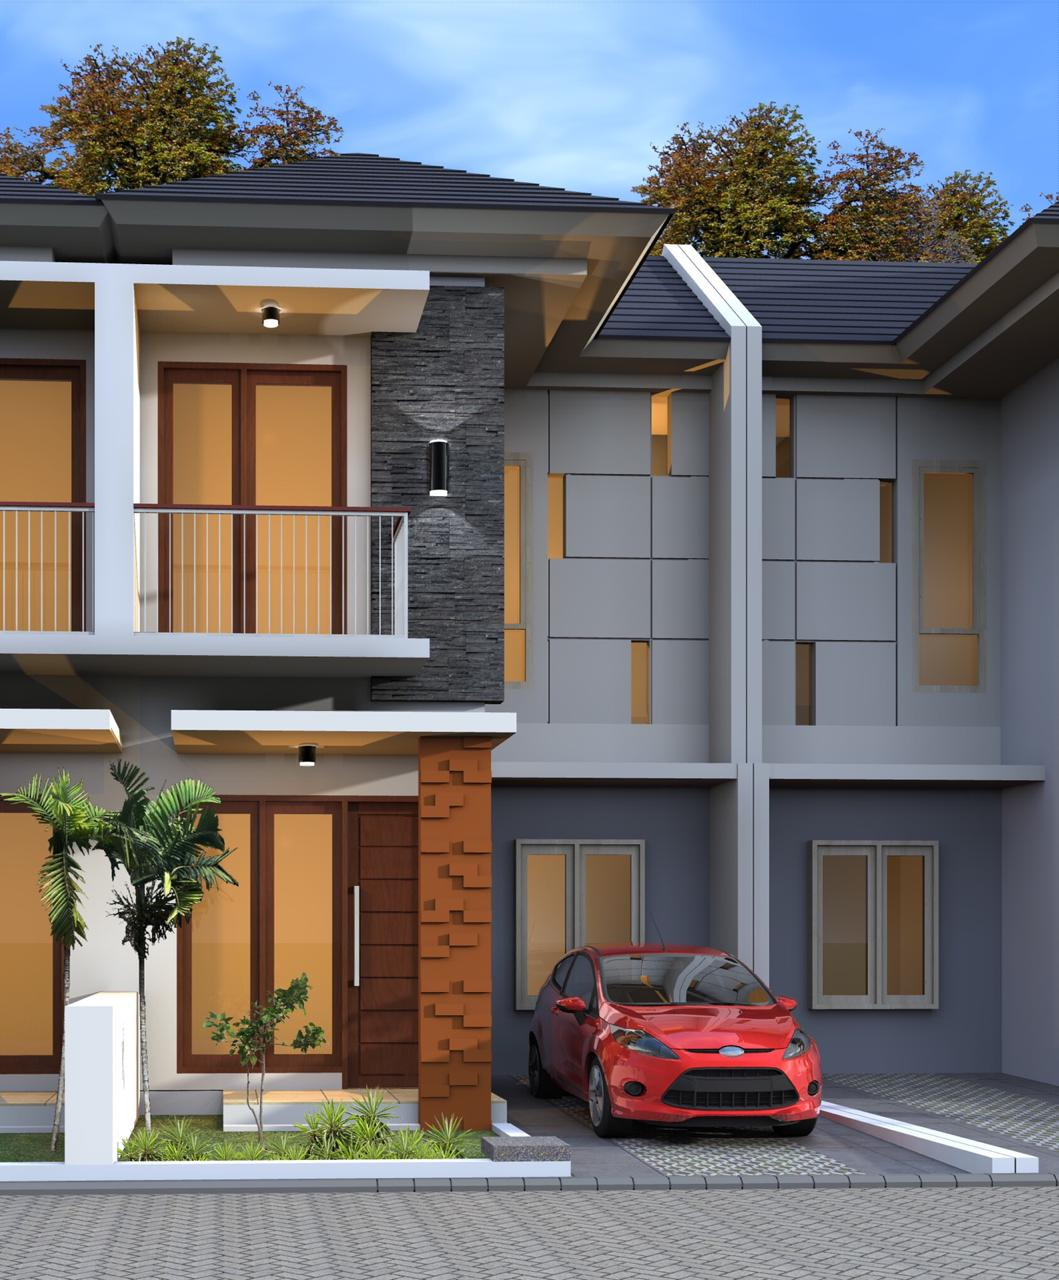 Rumah 2 Lantai di Kota Bogor Cuma 250 juta!